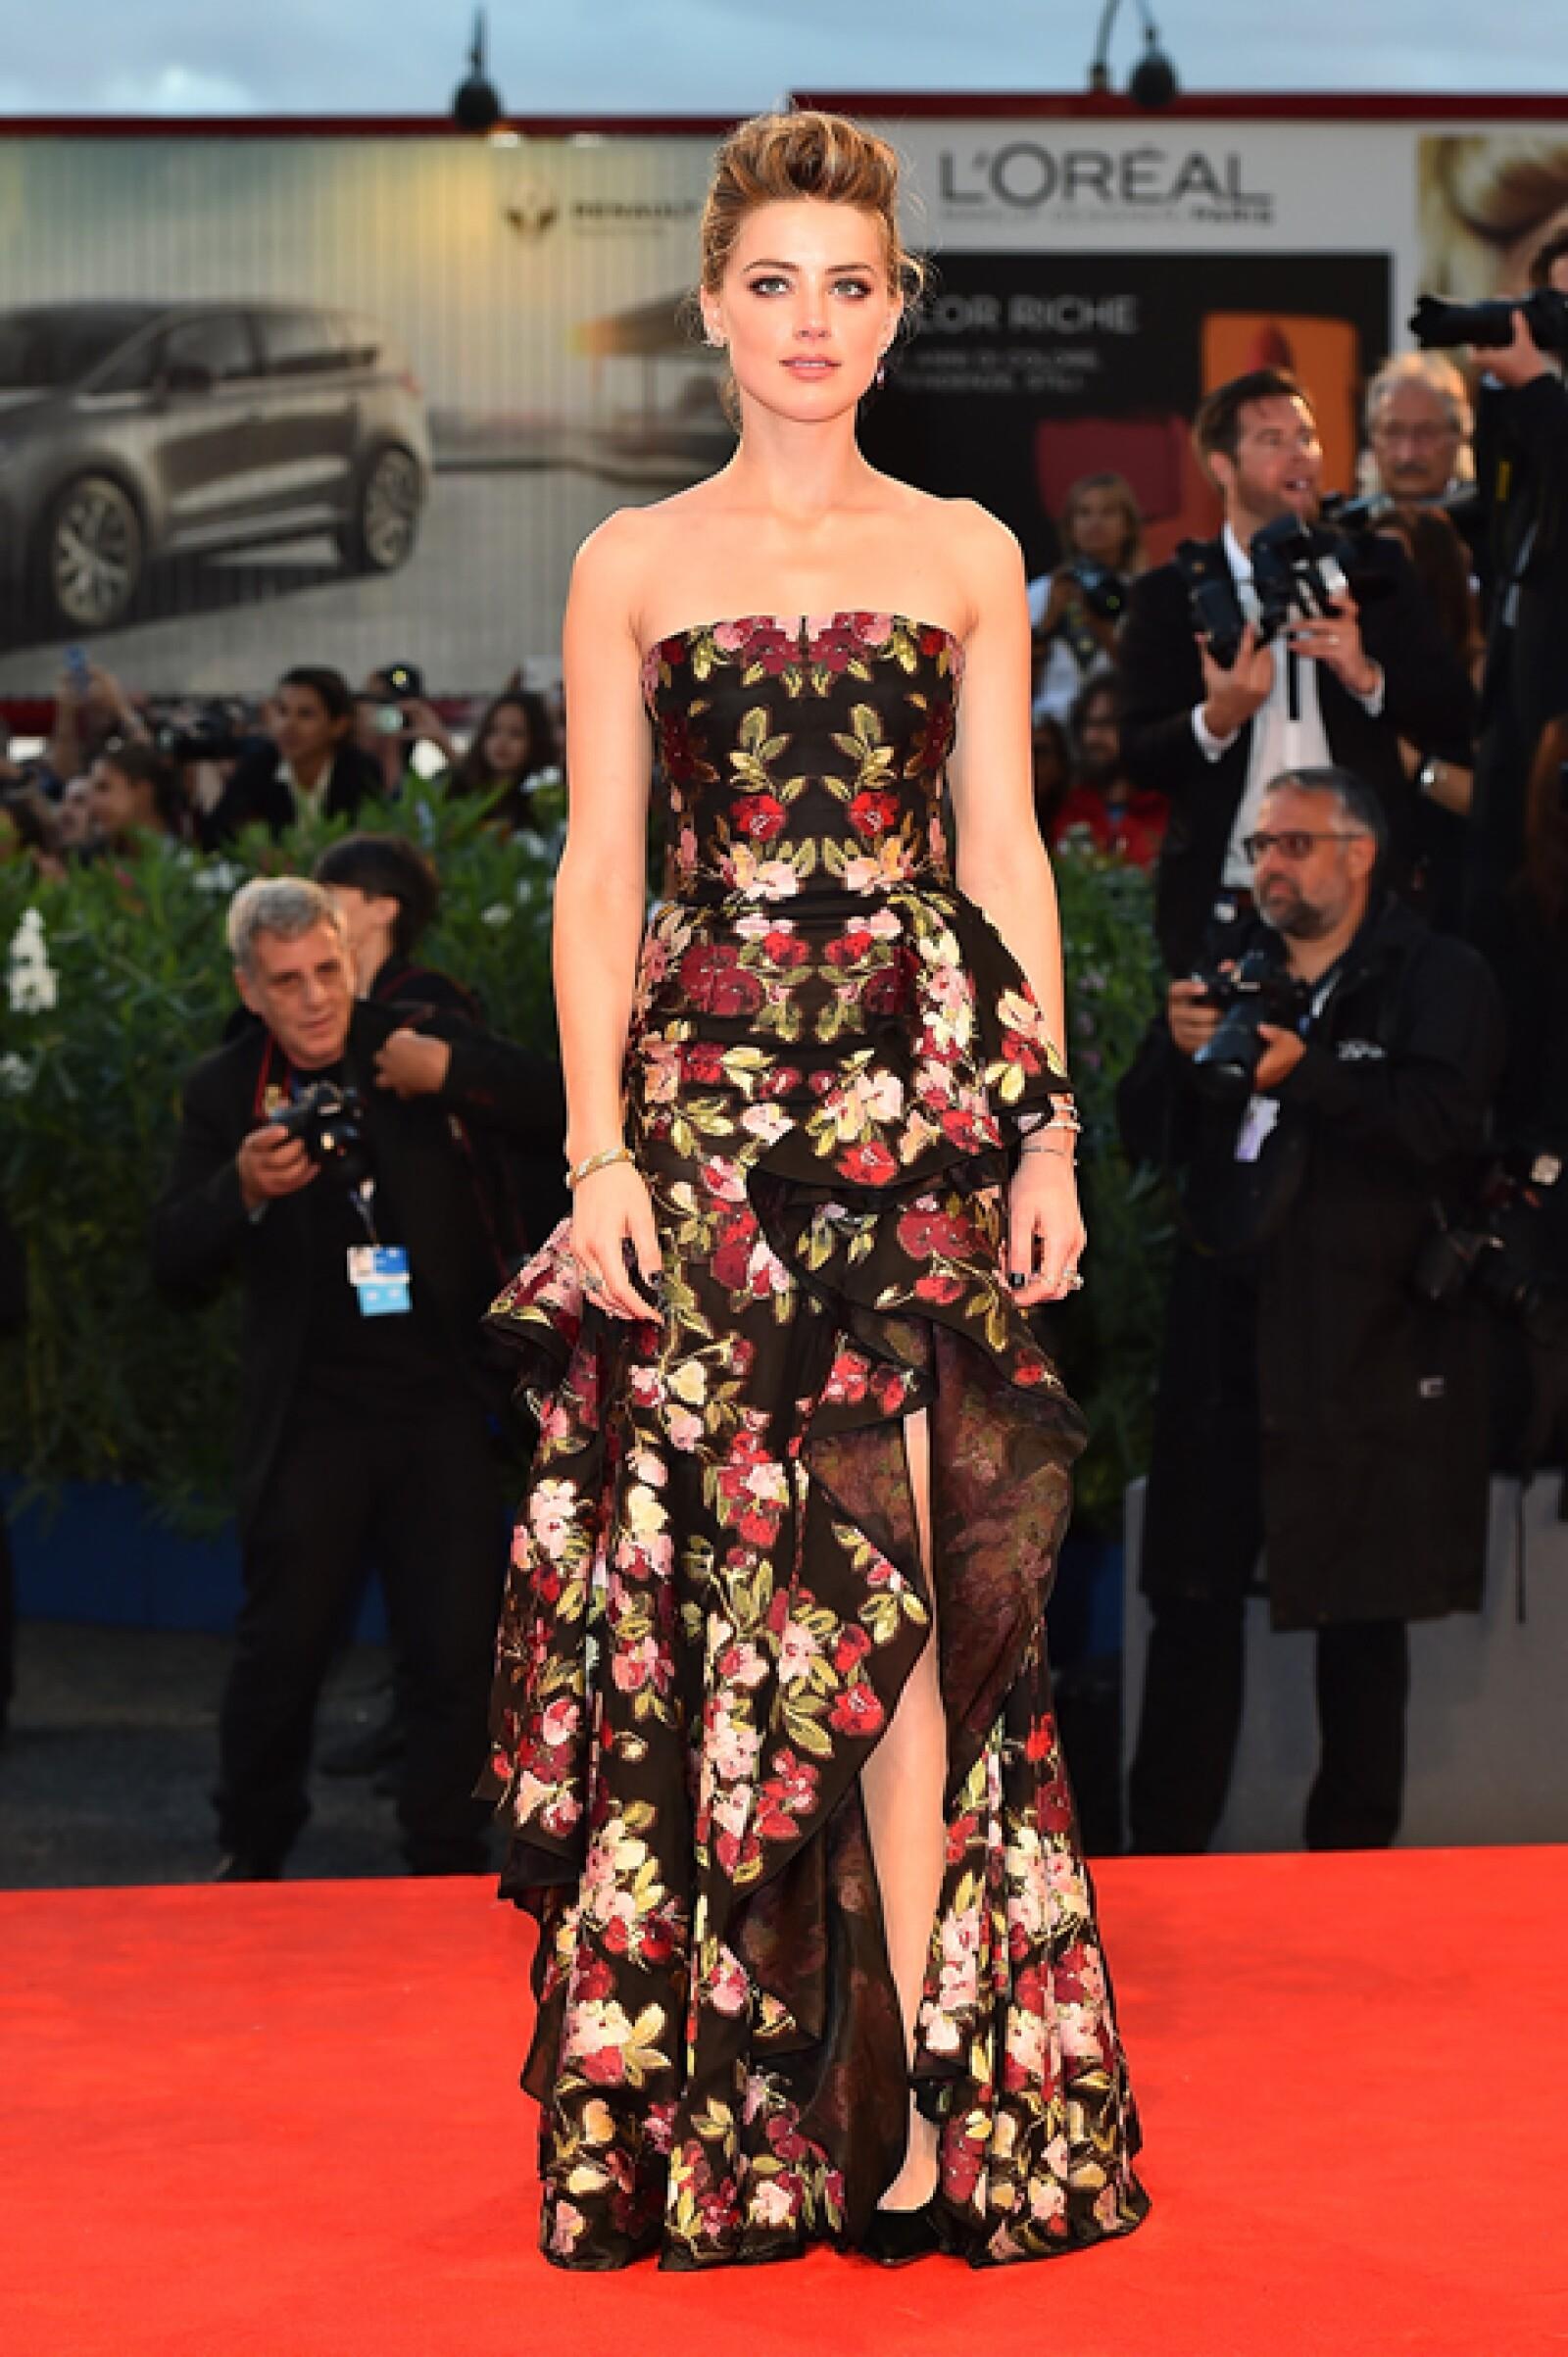 Para la premiere de `Danish Girl´, Amber Heard usó un vestido negro con estampado de flores de Zimmermann de la colección spring 2015. Llevó pumps de Christian Louboutin para complementar el look.